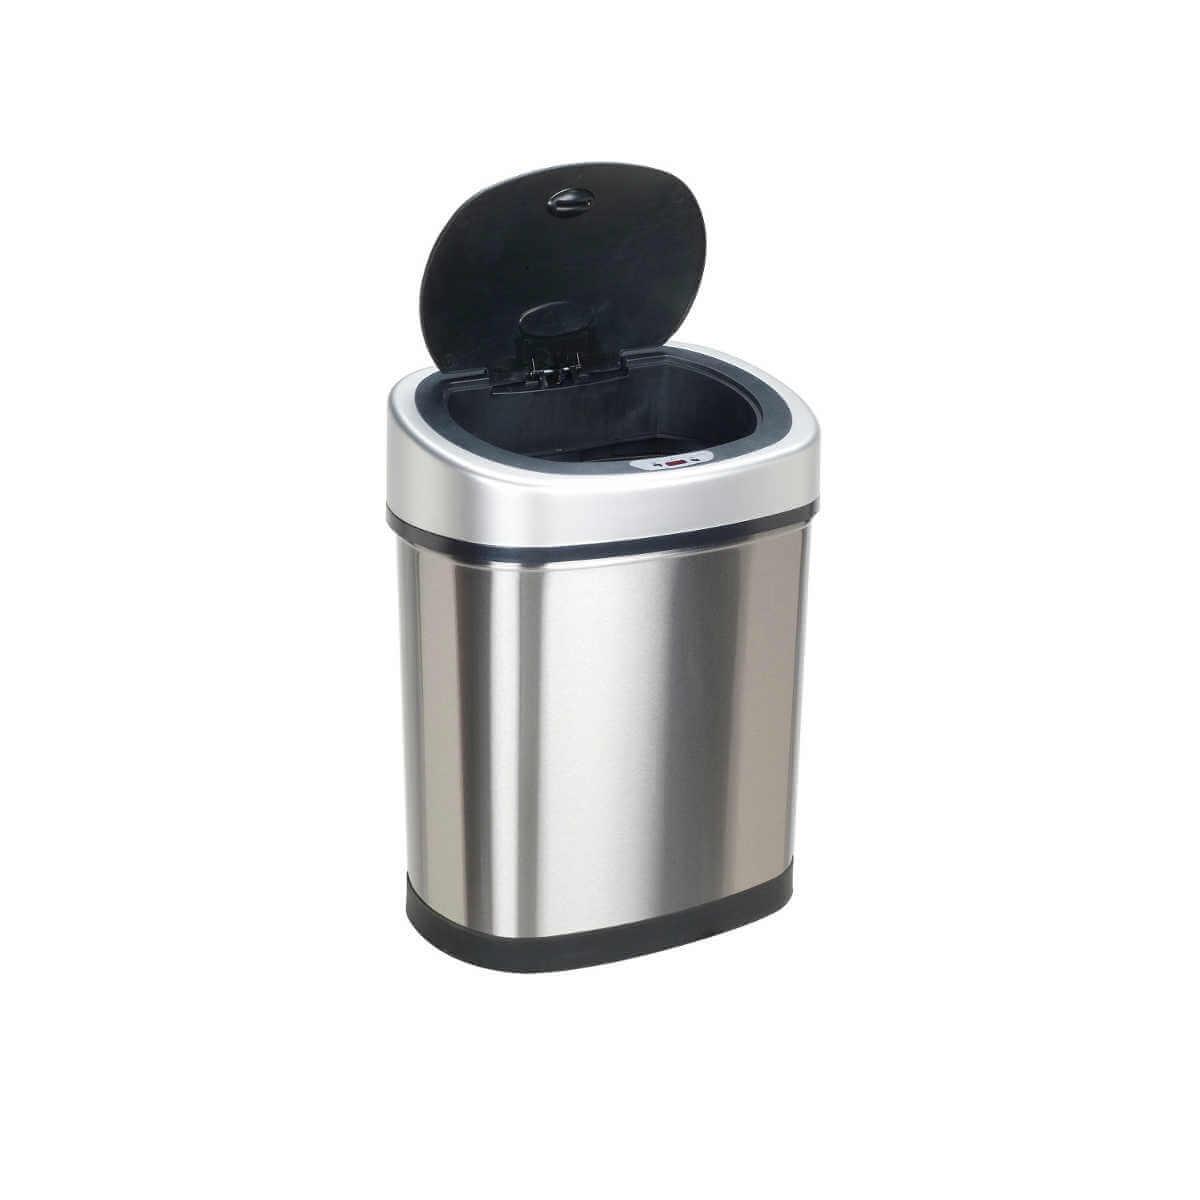 Kosz na śmieci DZT-42-9 42l bezdotykowy automatyczny owal